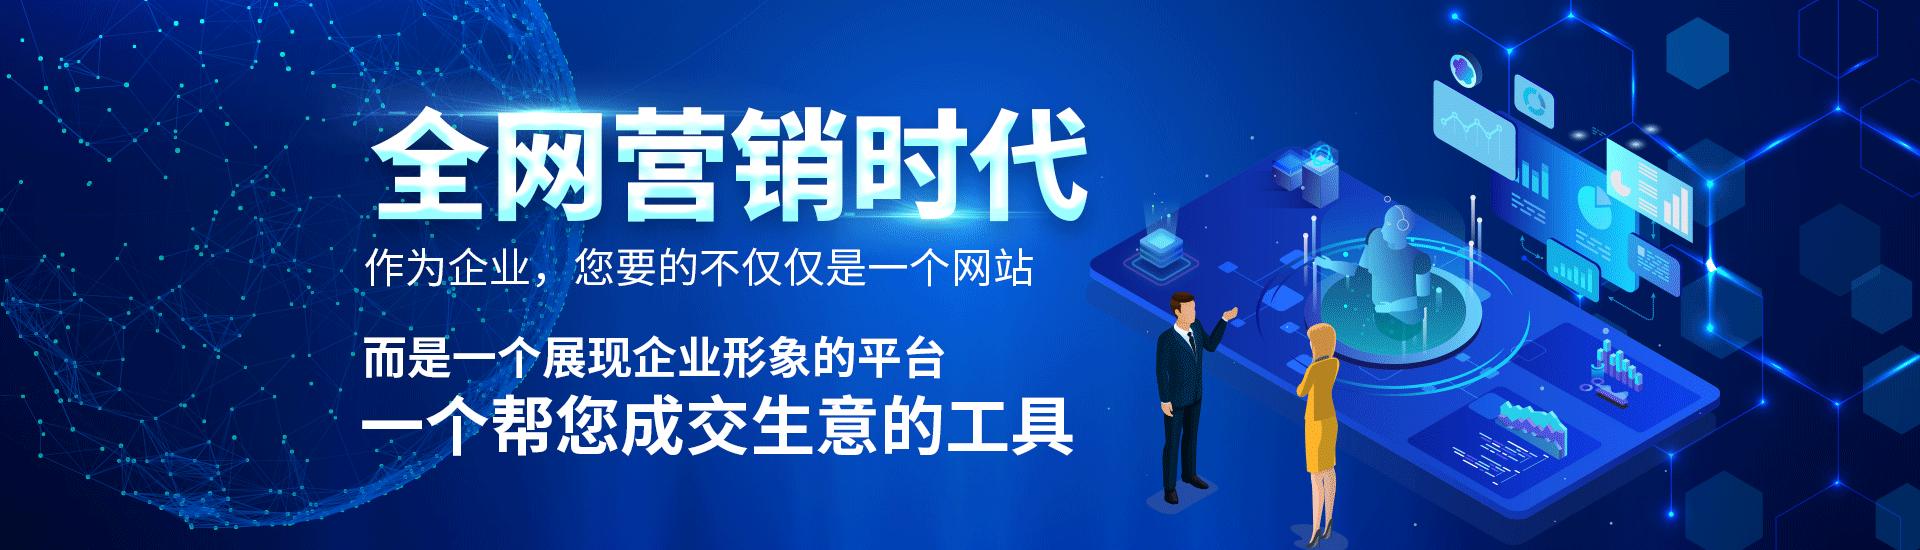 企业网站建设服务公司鑫灵锐